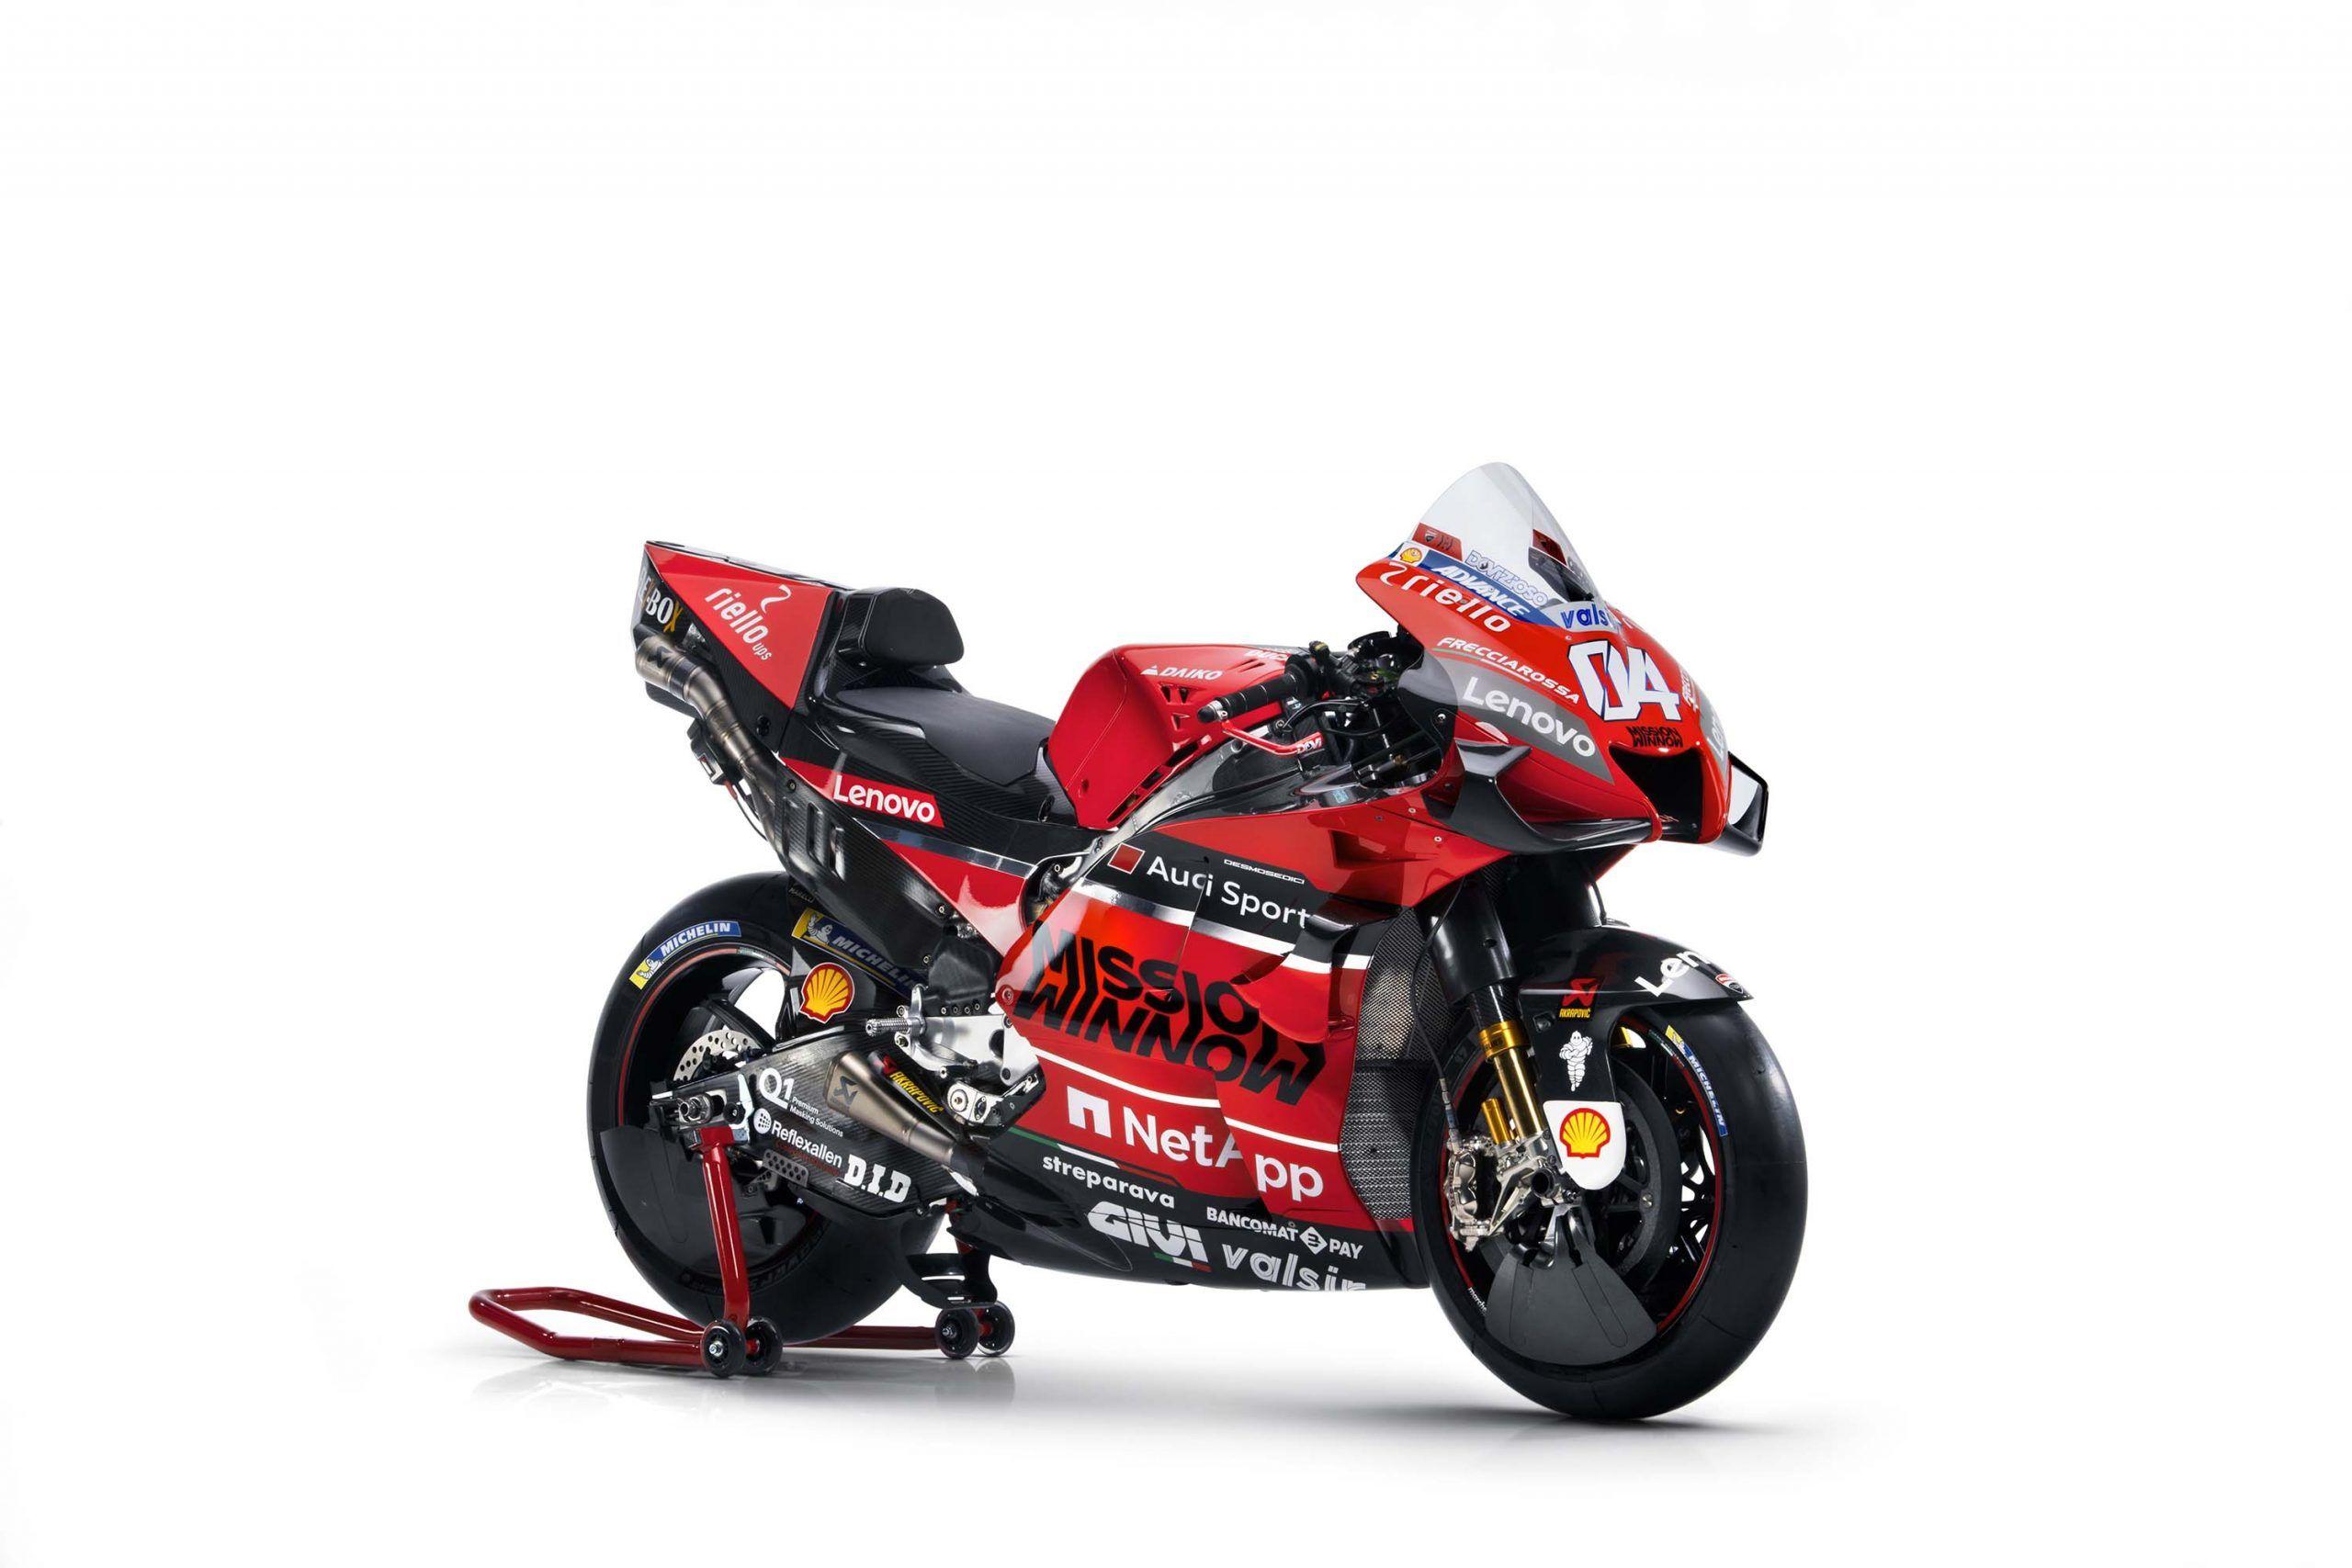 2020 Ducati Desmosedici Gp20 Motogp Motorcycle In 2020 Ducati Motogp Ducati Motogp